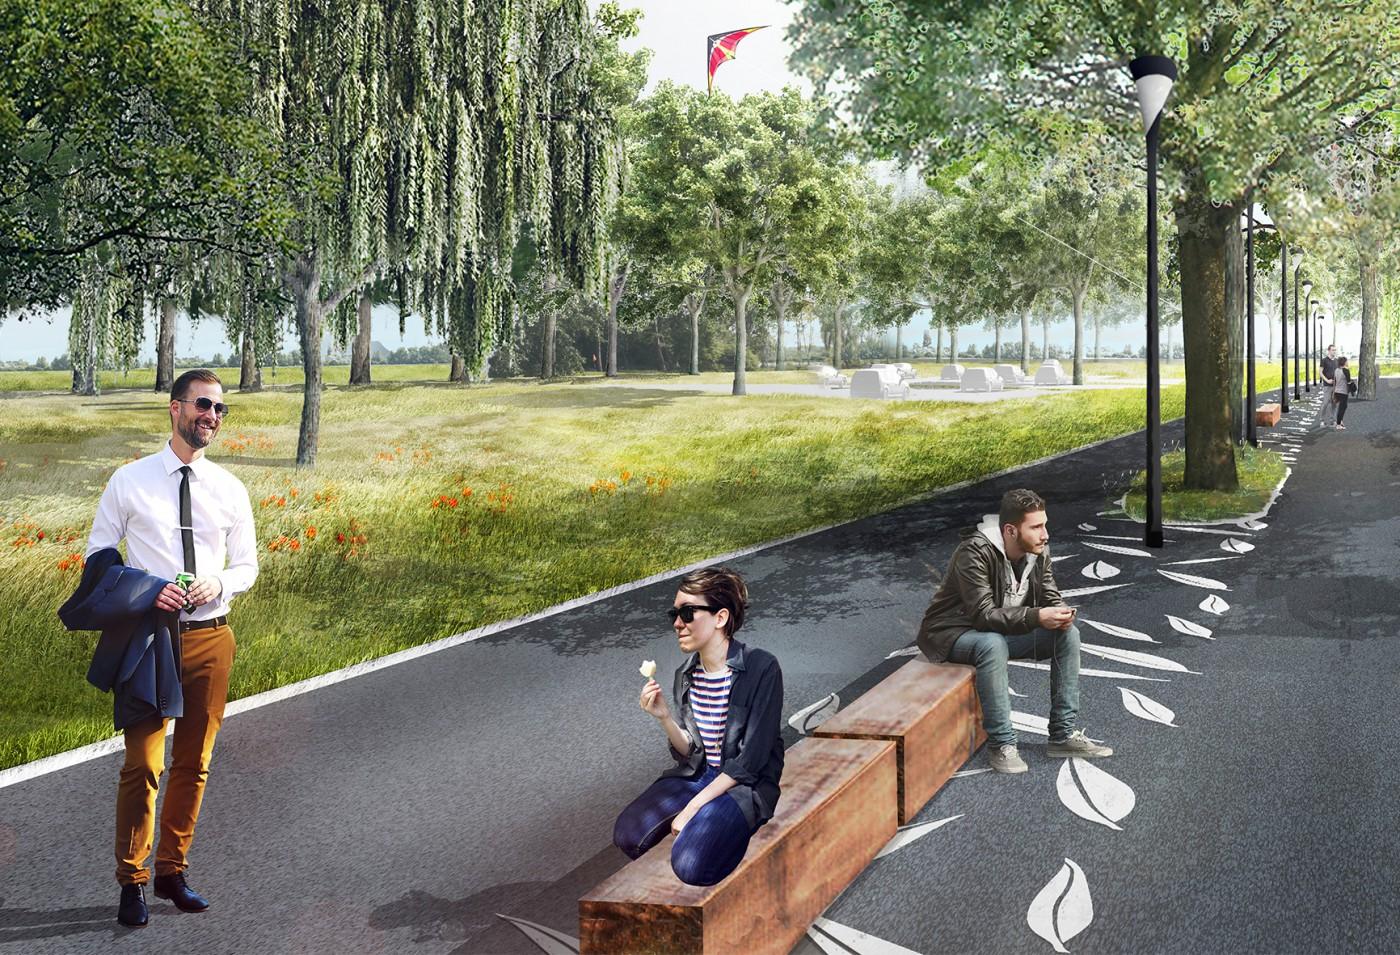 buro-sant-en-co-landschapsarchitectuur-johannapolder-albrandswaard-promenade-1